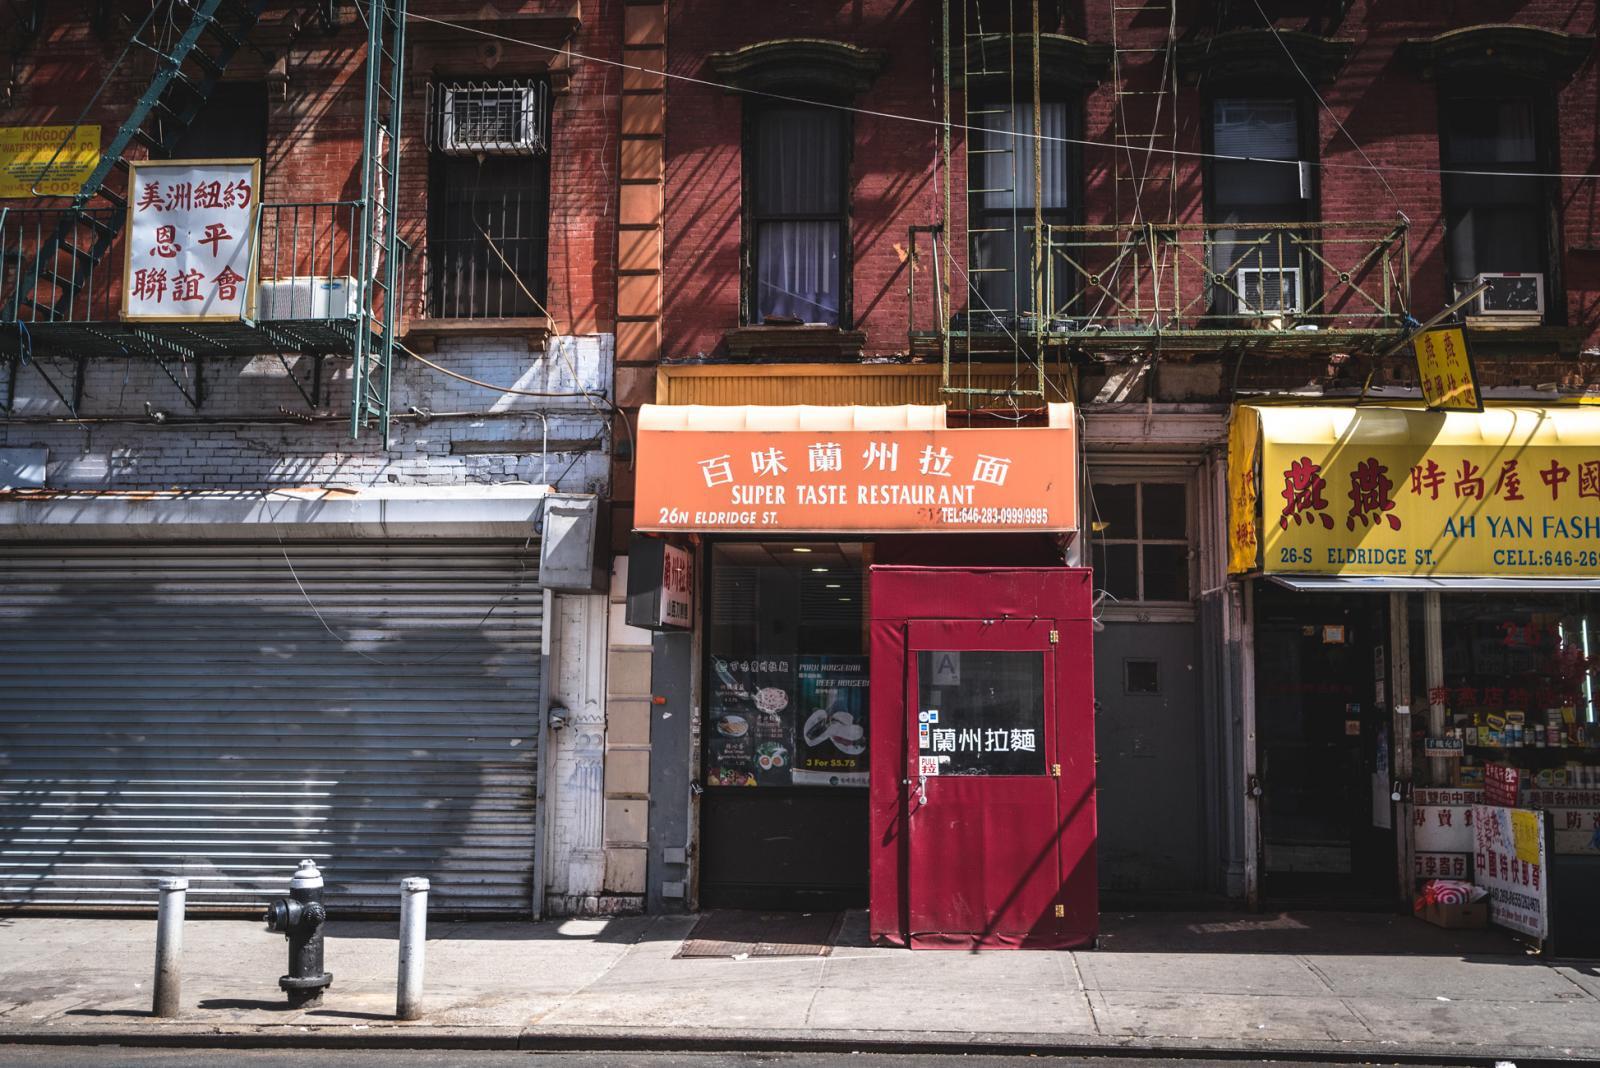 Super Taste NYC in Chinatown